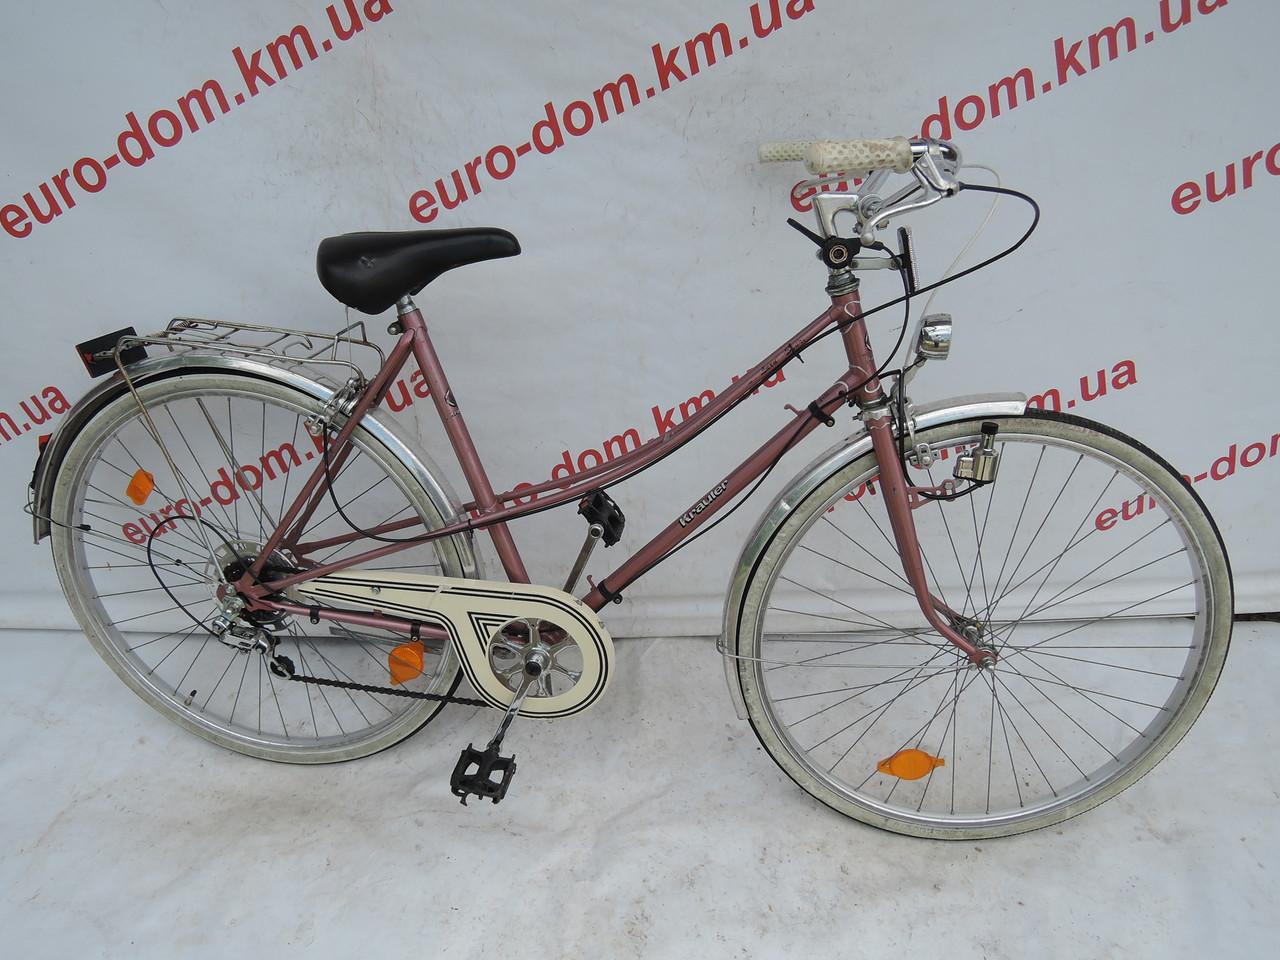 Городской велосипед Krauter 28 колеса 5 скоростей